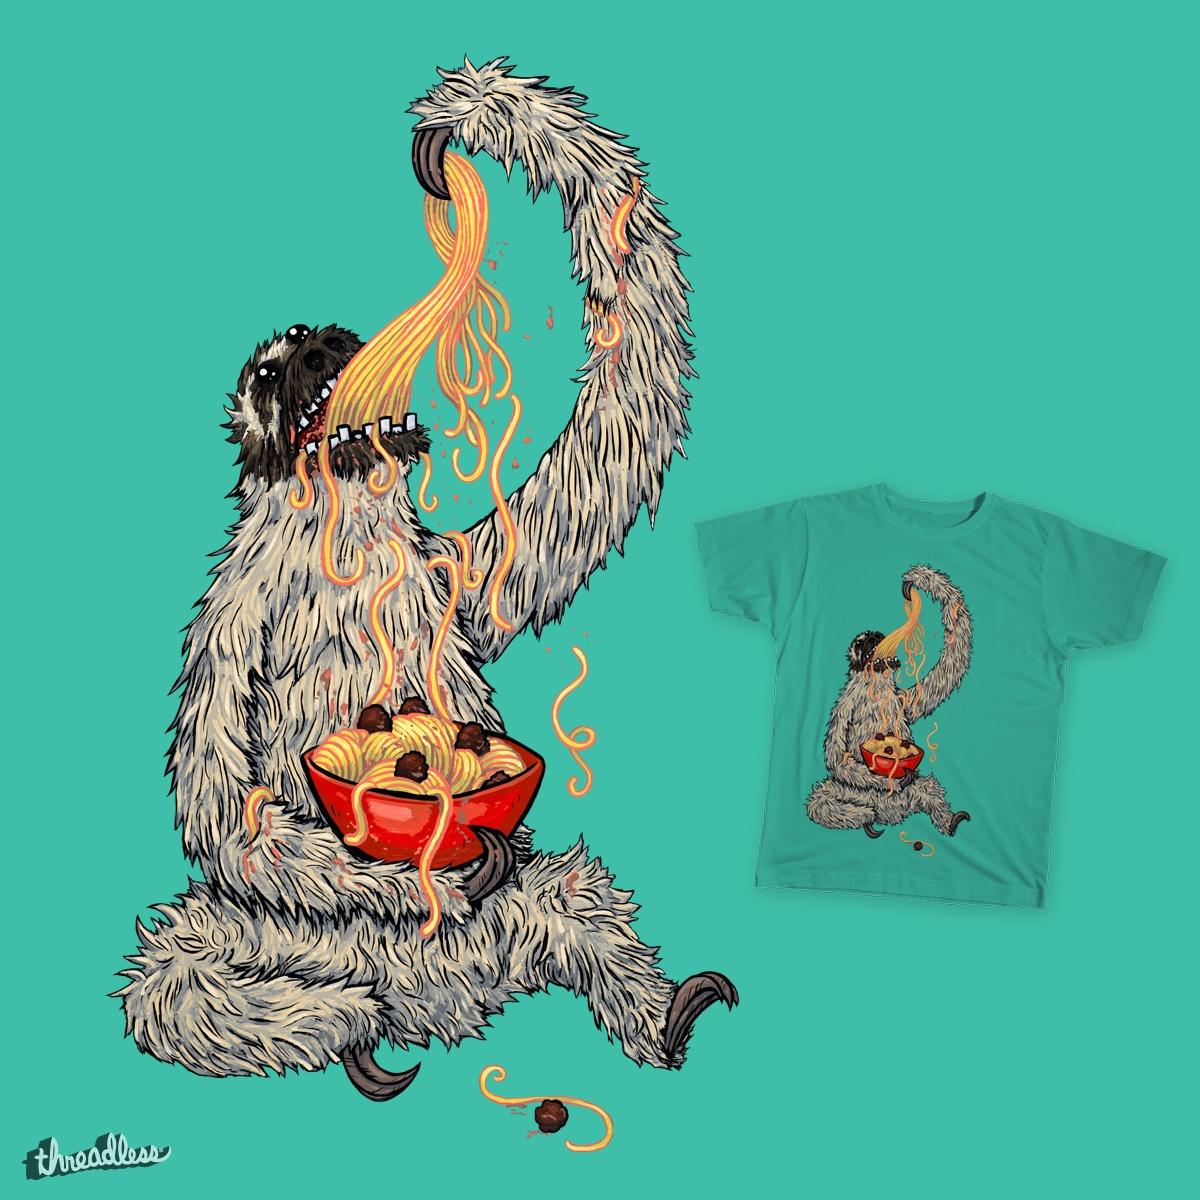 Sloth Eating Spaghetti! by joehavasy on Threadless